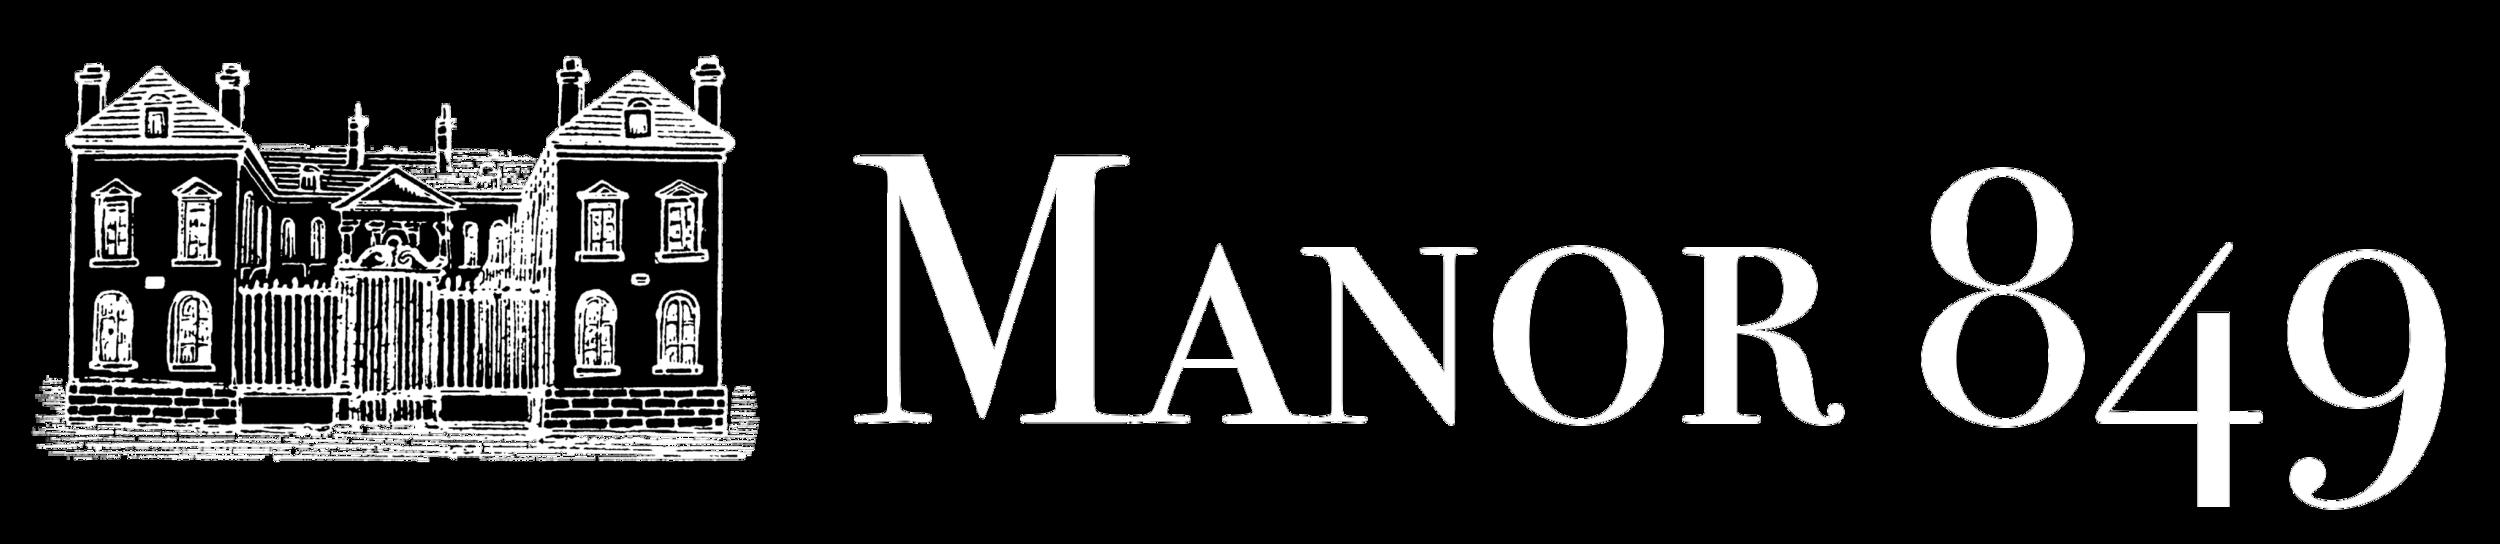 Manor-849-logo white.png